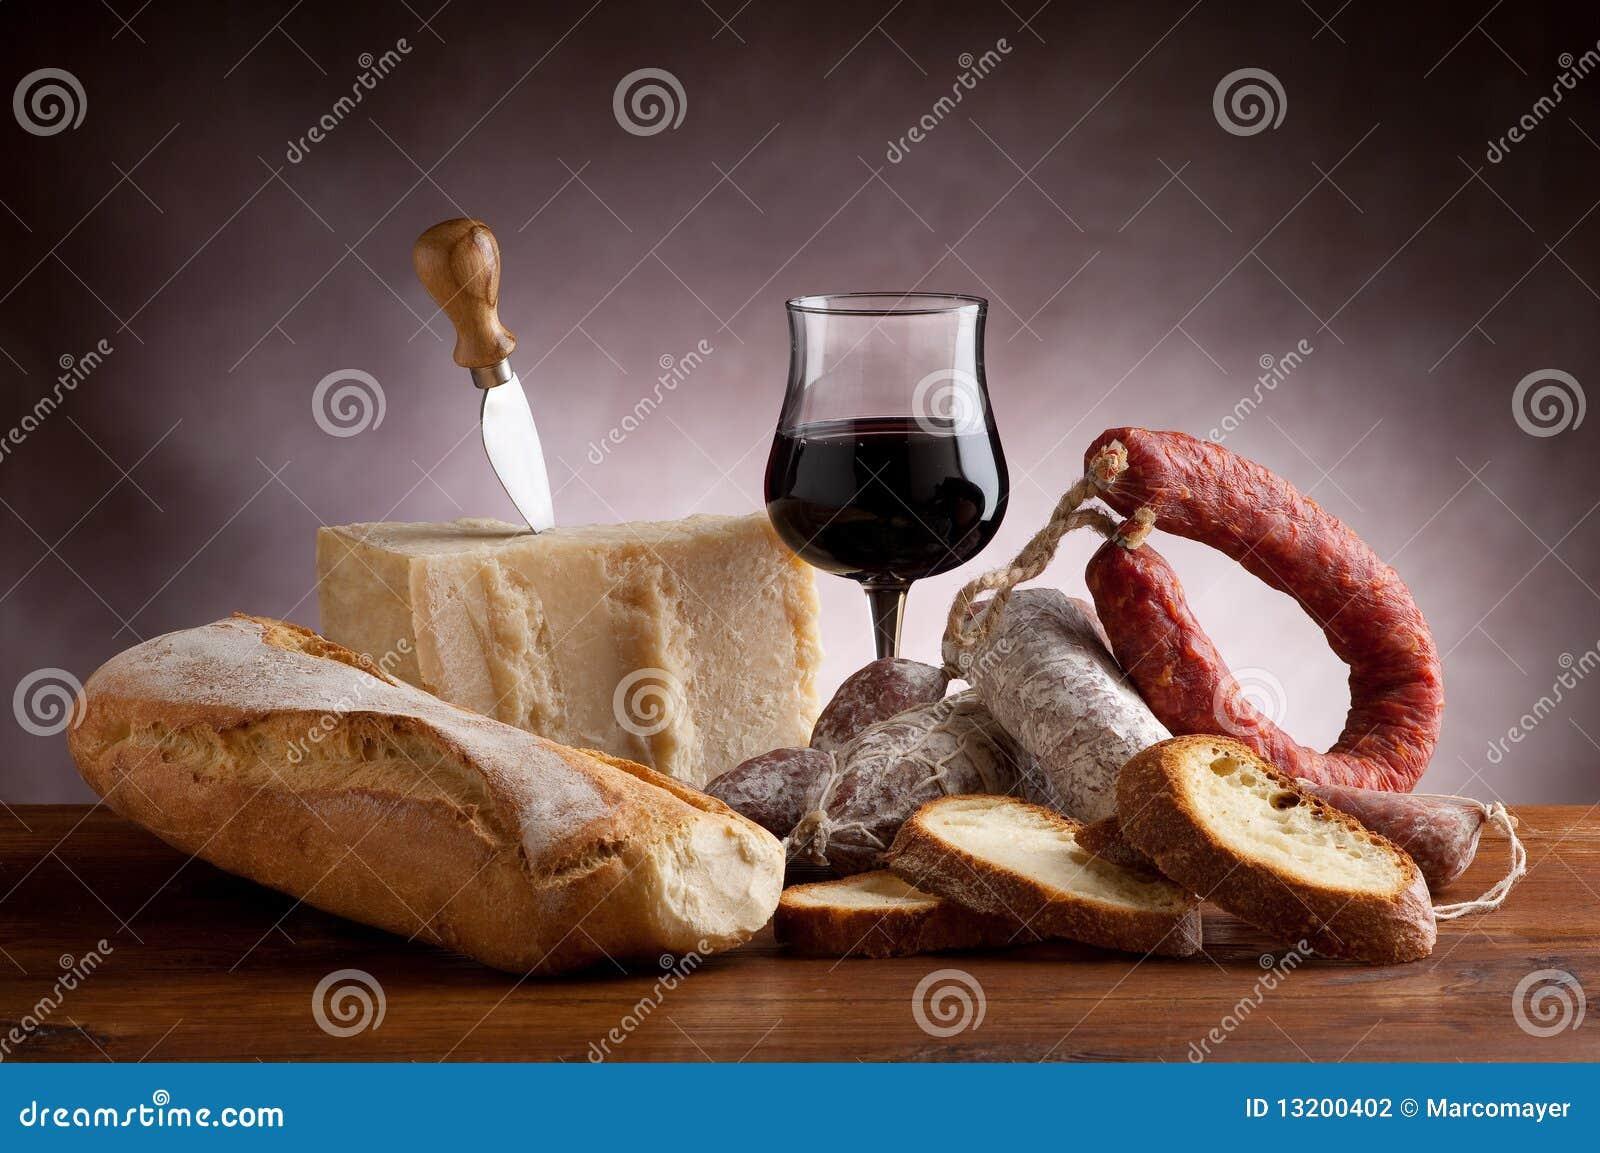 Mix of salami